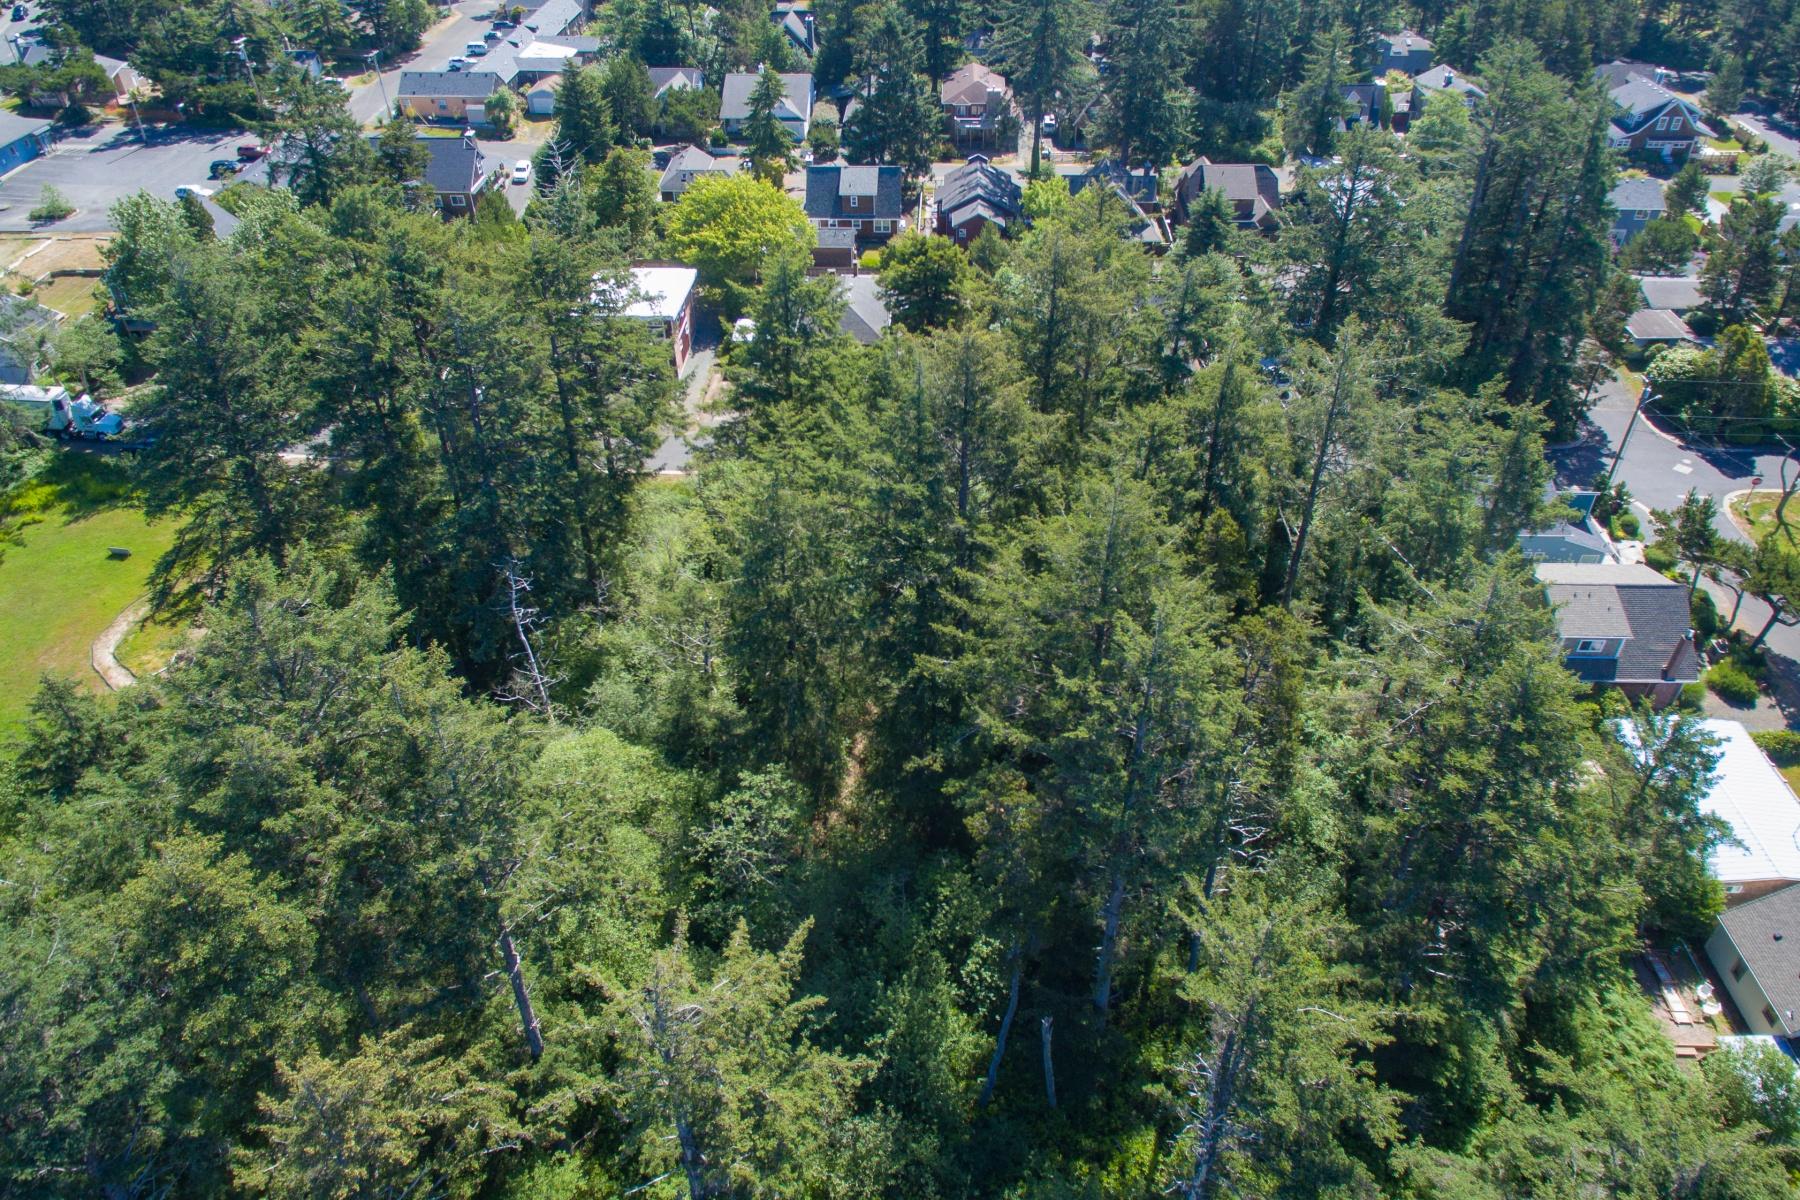 Land for Sale at S Third ST 200, MANZANITA Manzanita, Oregon, 97130 United States